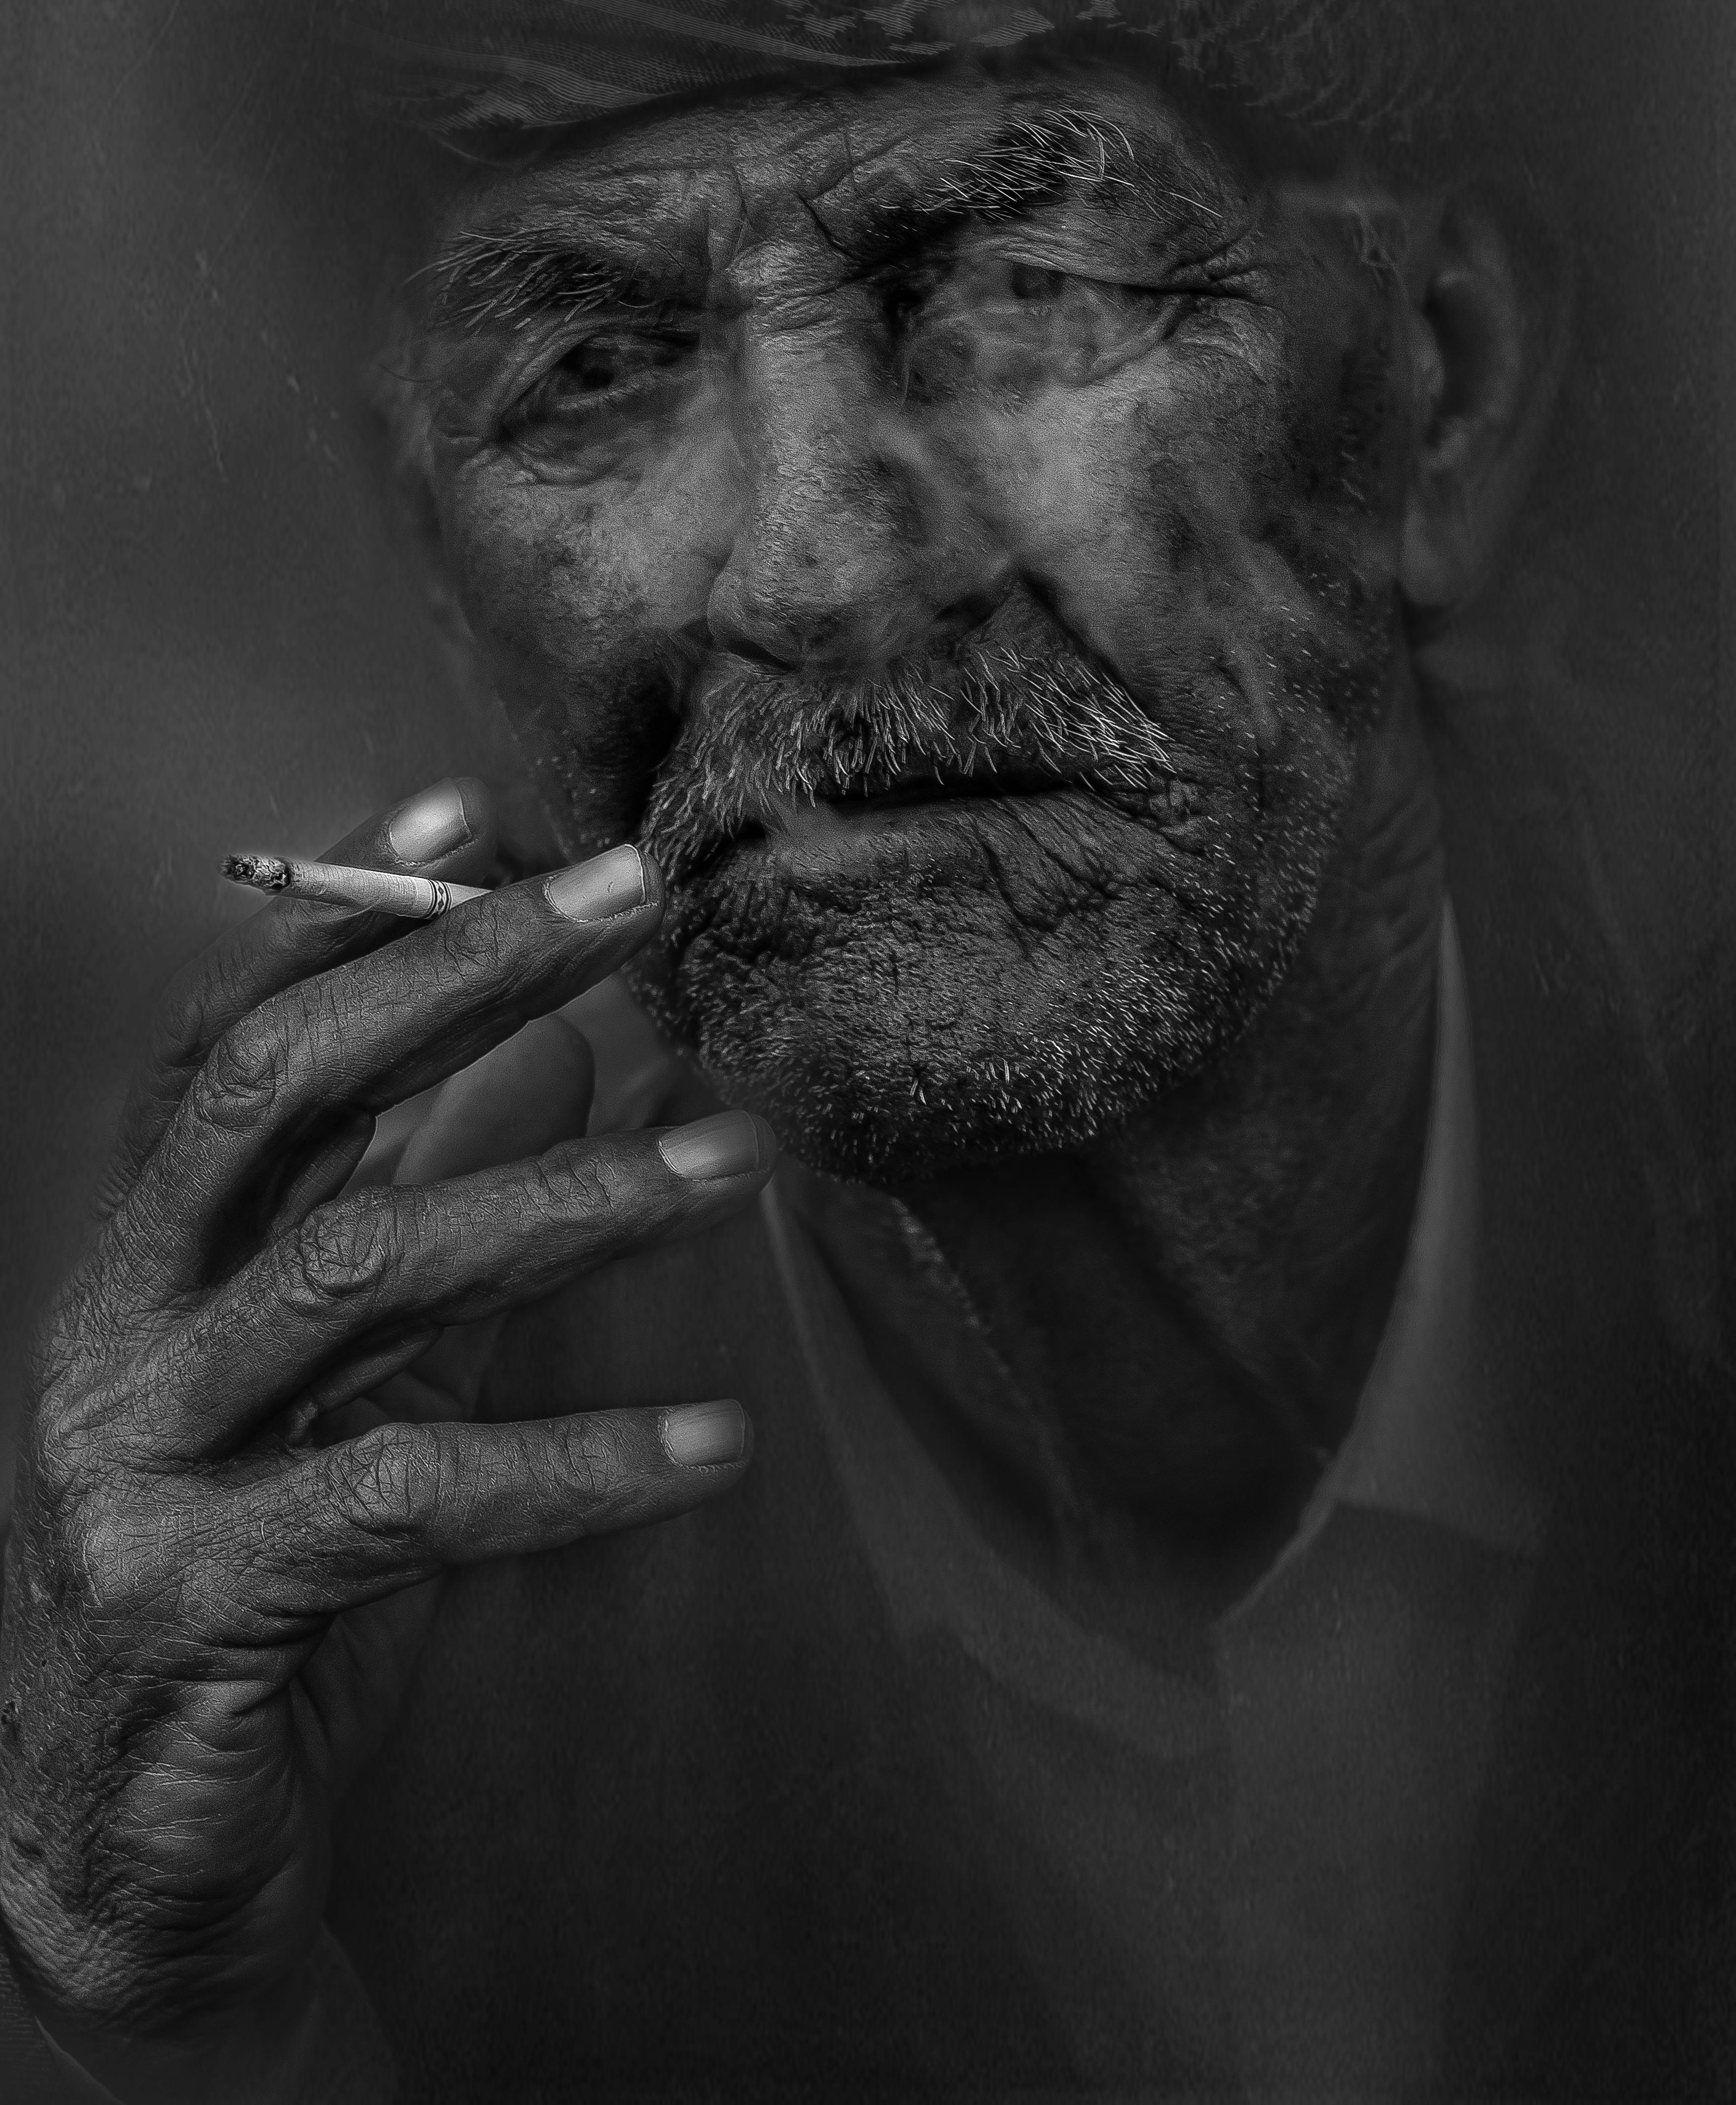 Gambar Manusia Orang Hitam Dan Putih Merokok Potret Satu